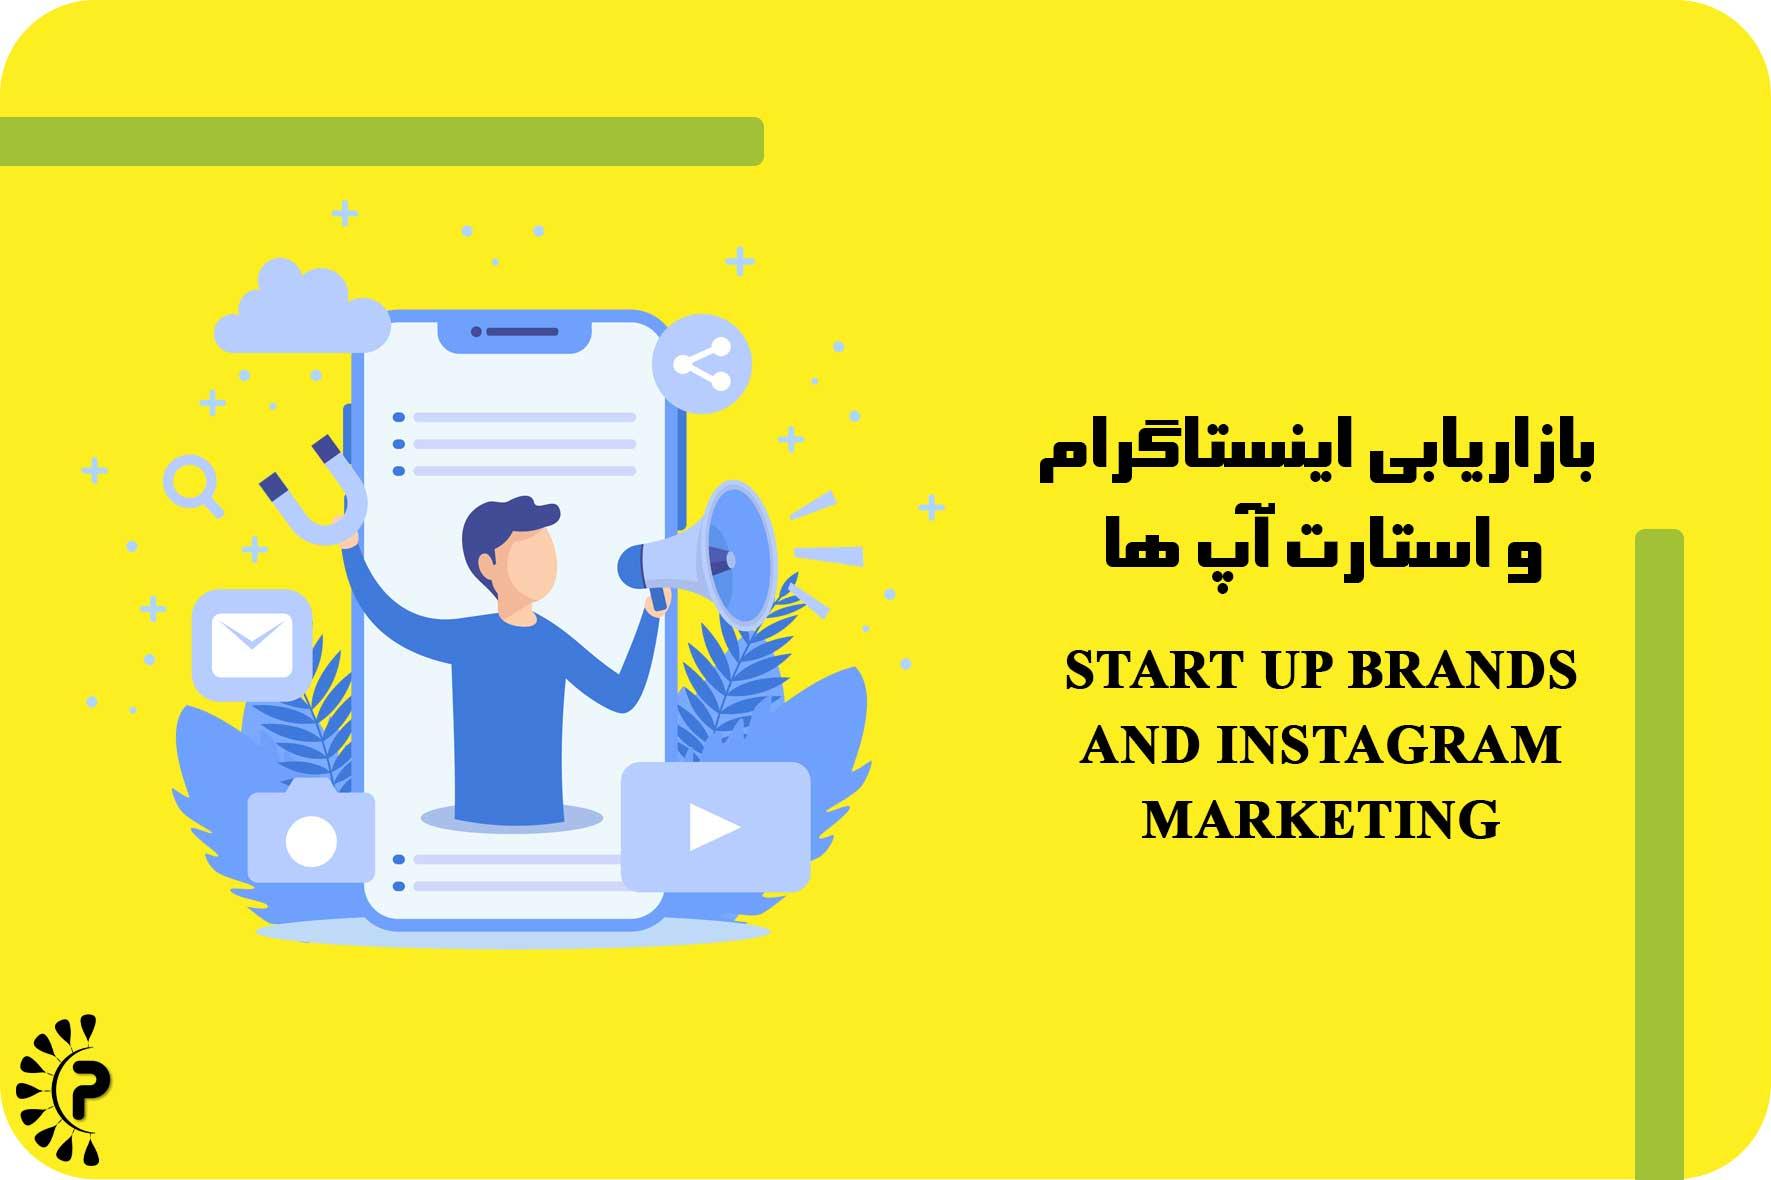 بازاریابی اینستاگرام و استارتاپها: